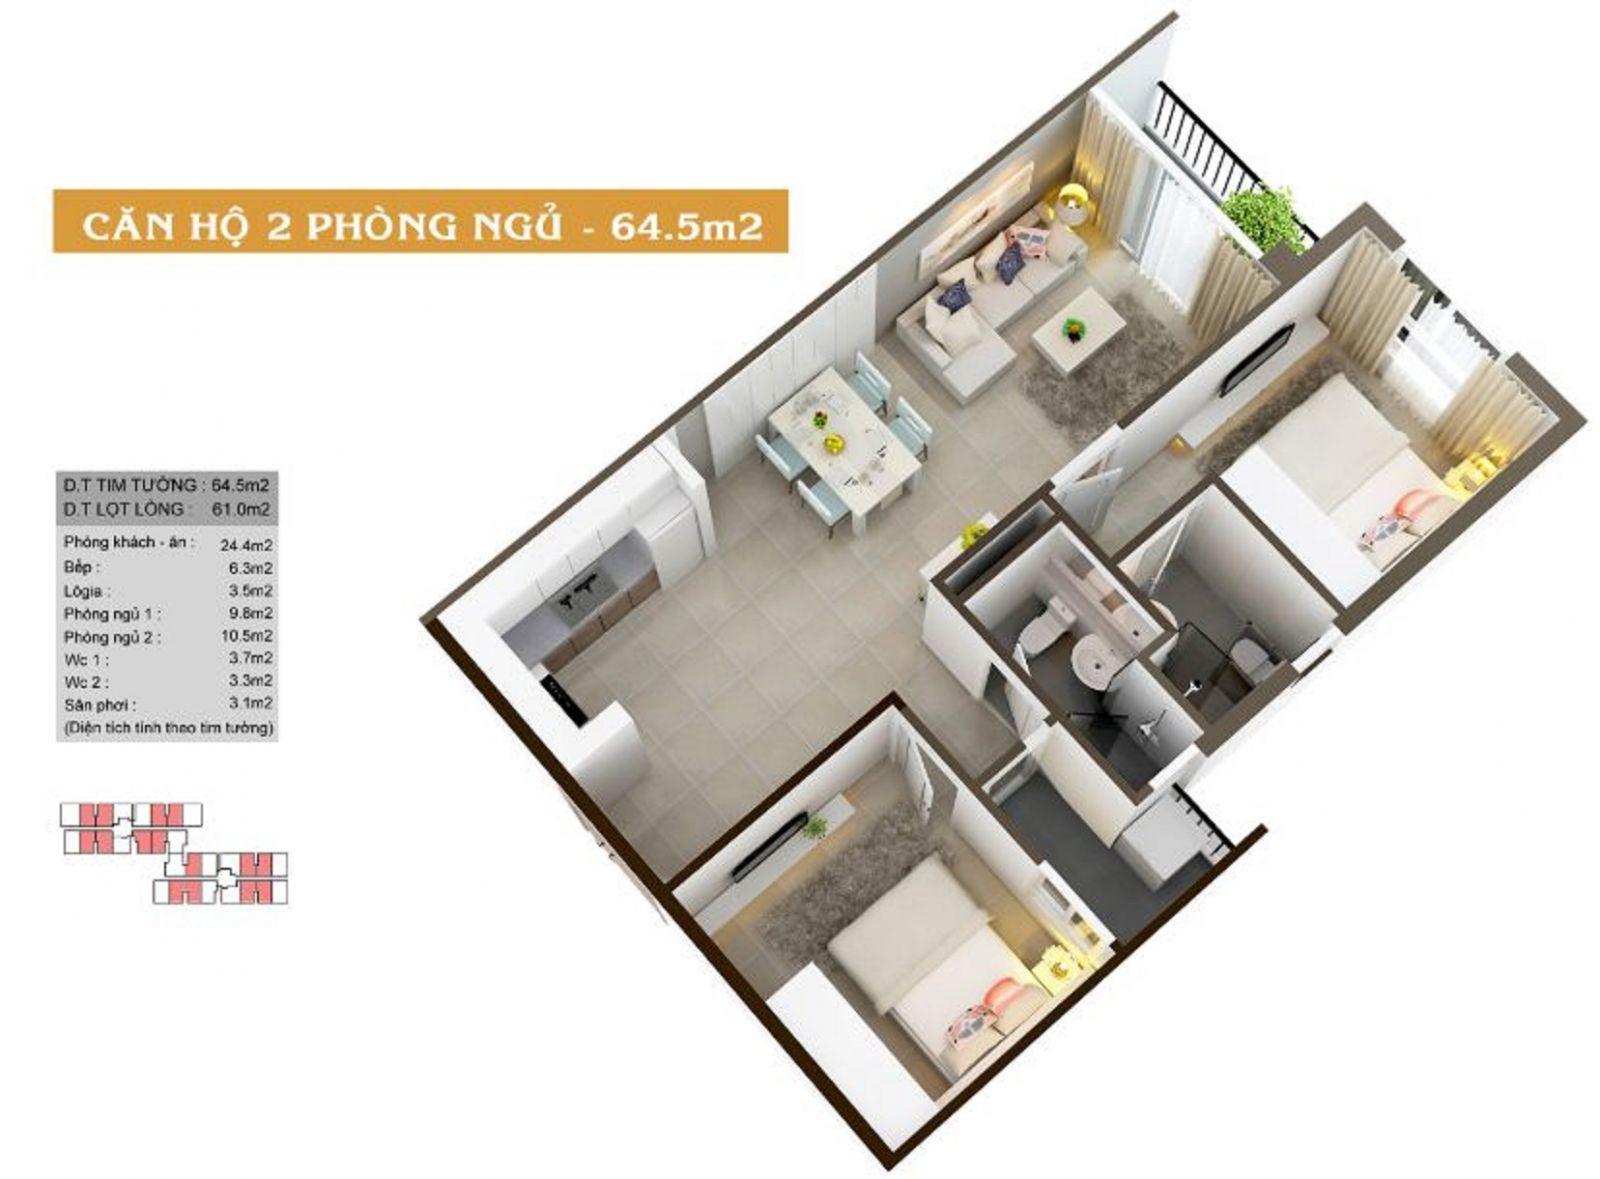 Thiết kế căn hộ 2PN diện tích 64.5m2